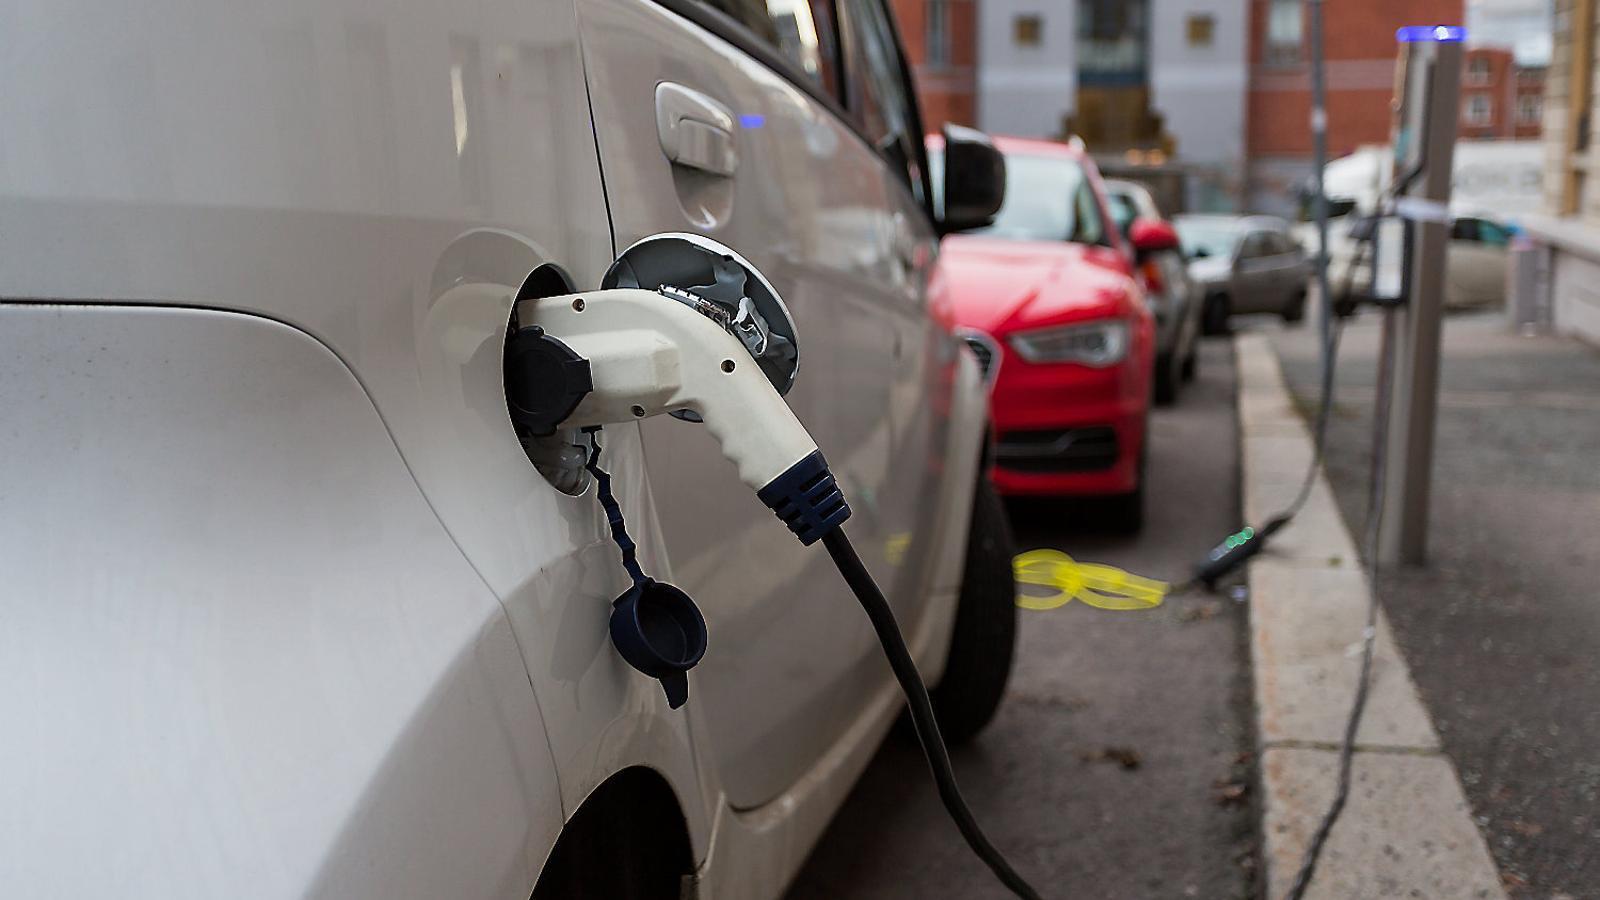 Durant els primers sis mesos d'aquest any el 48%  dels cotxes venuts a Noruega han estat elèctrics i un 20% més híbrids. Només un 22% eren dièsel o de gasolina.